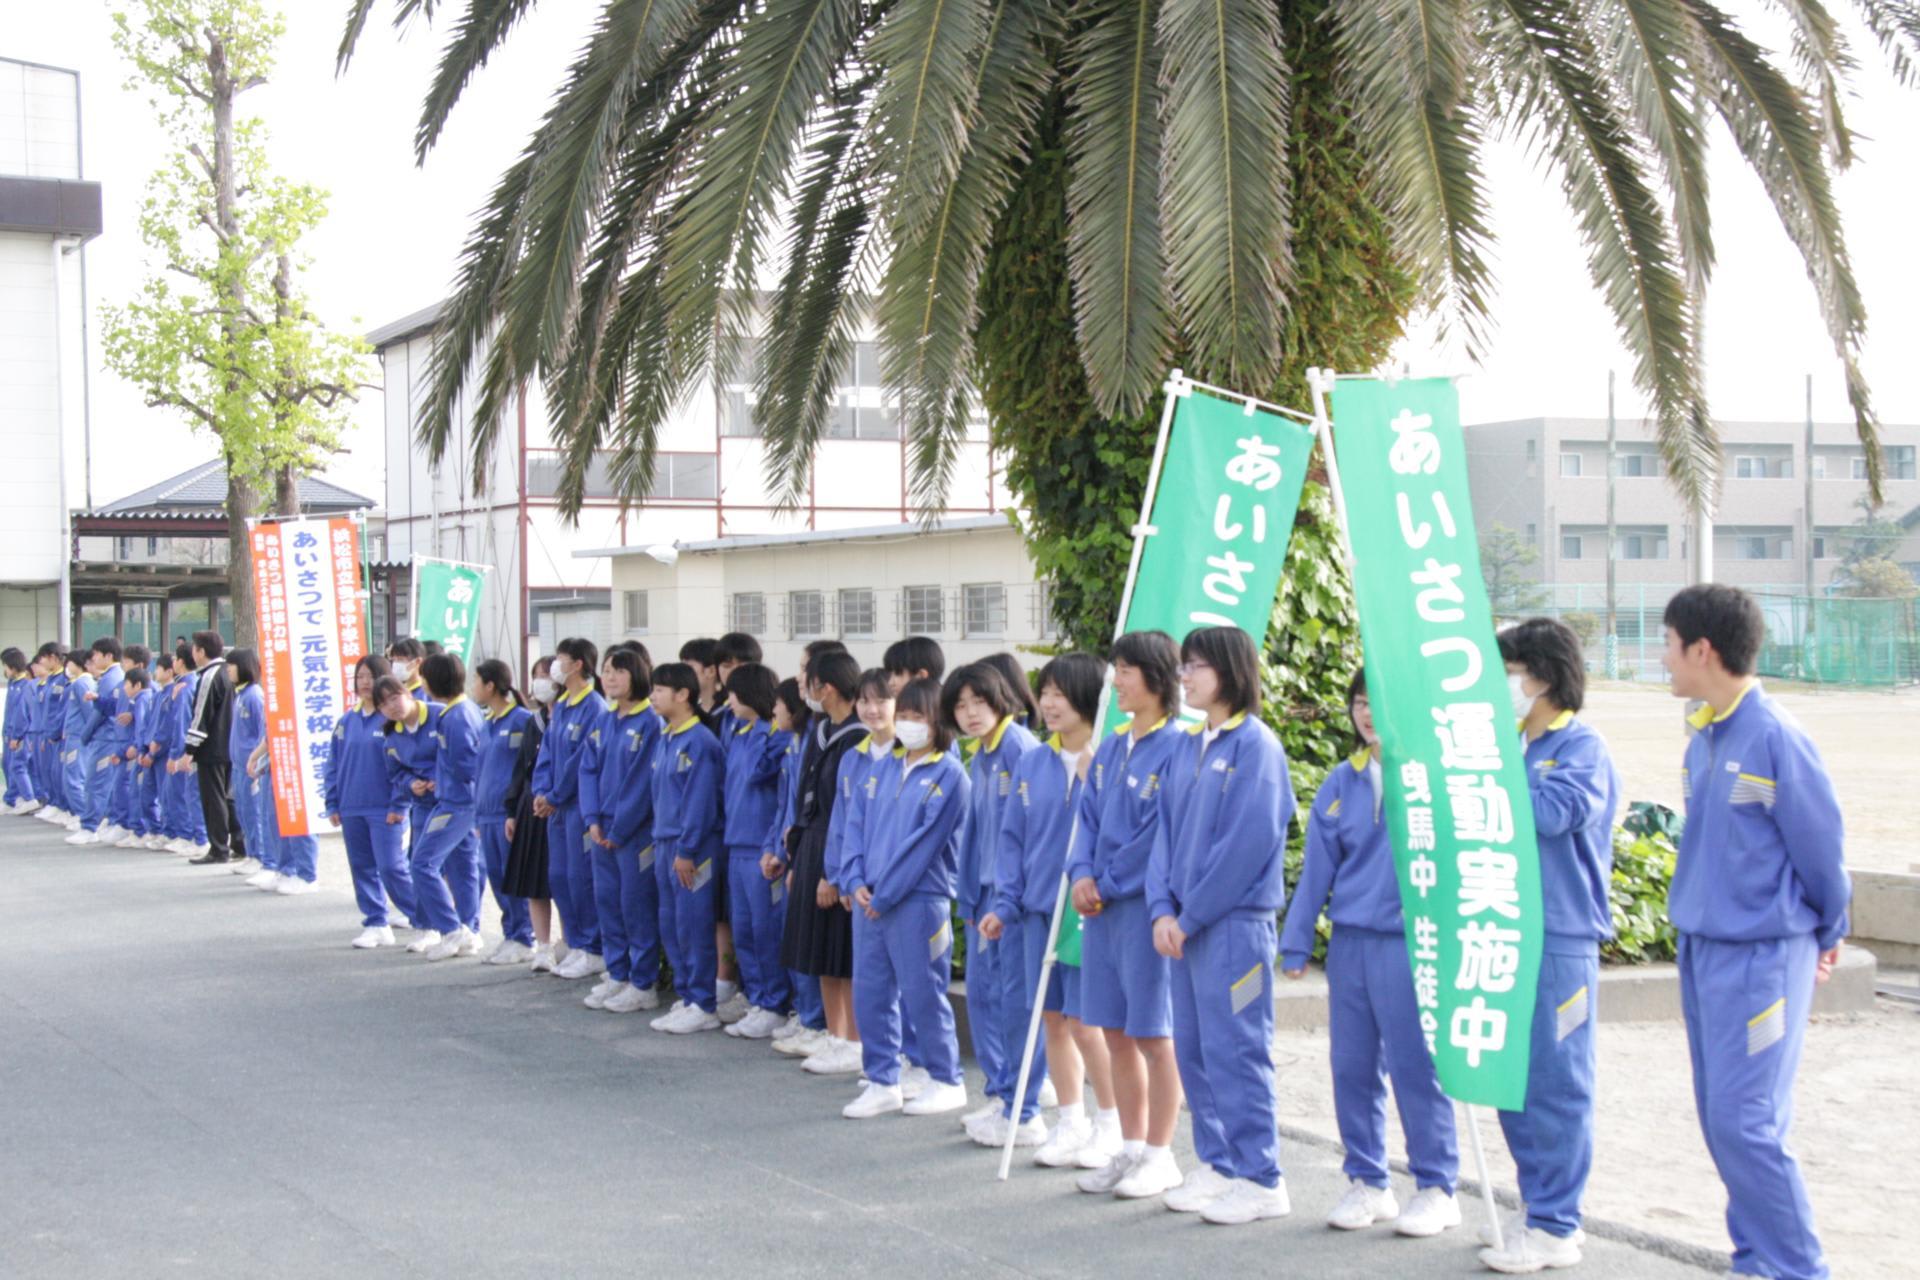 「あいさつで 元気な学校 始まるよ」 - こんにちは!浜松市立 ...